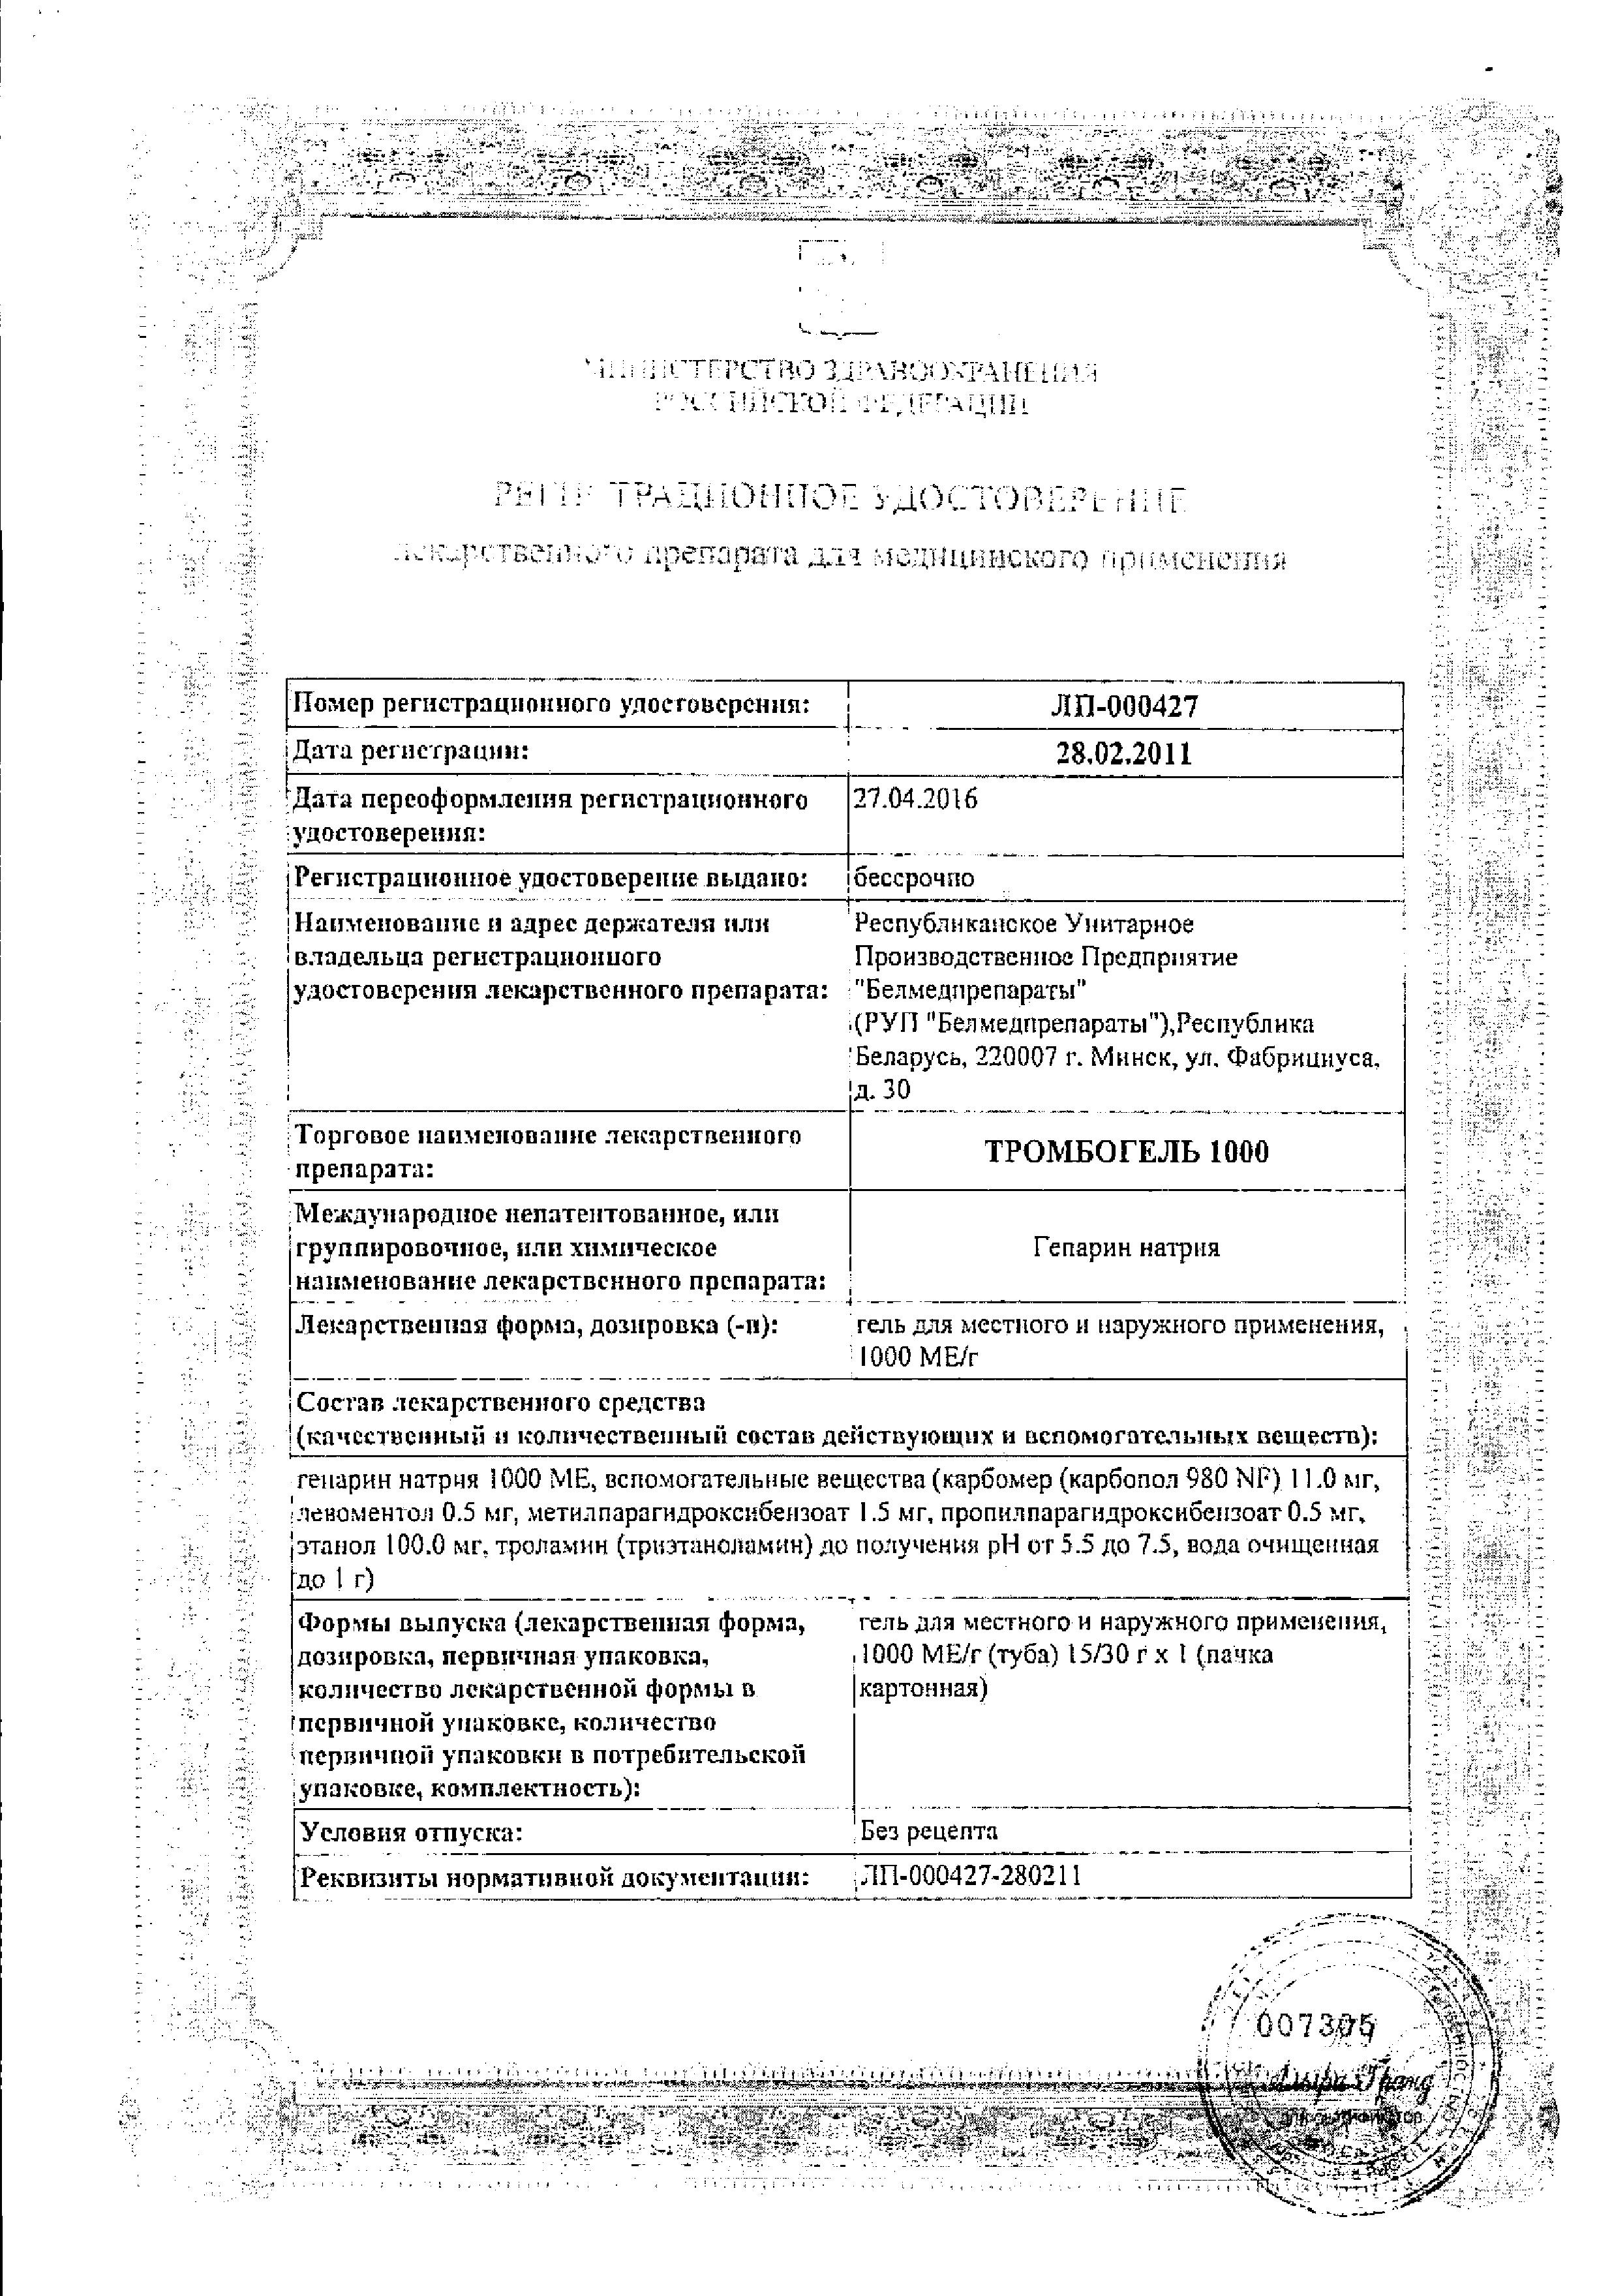 Тромбогель 1000 сертификат